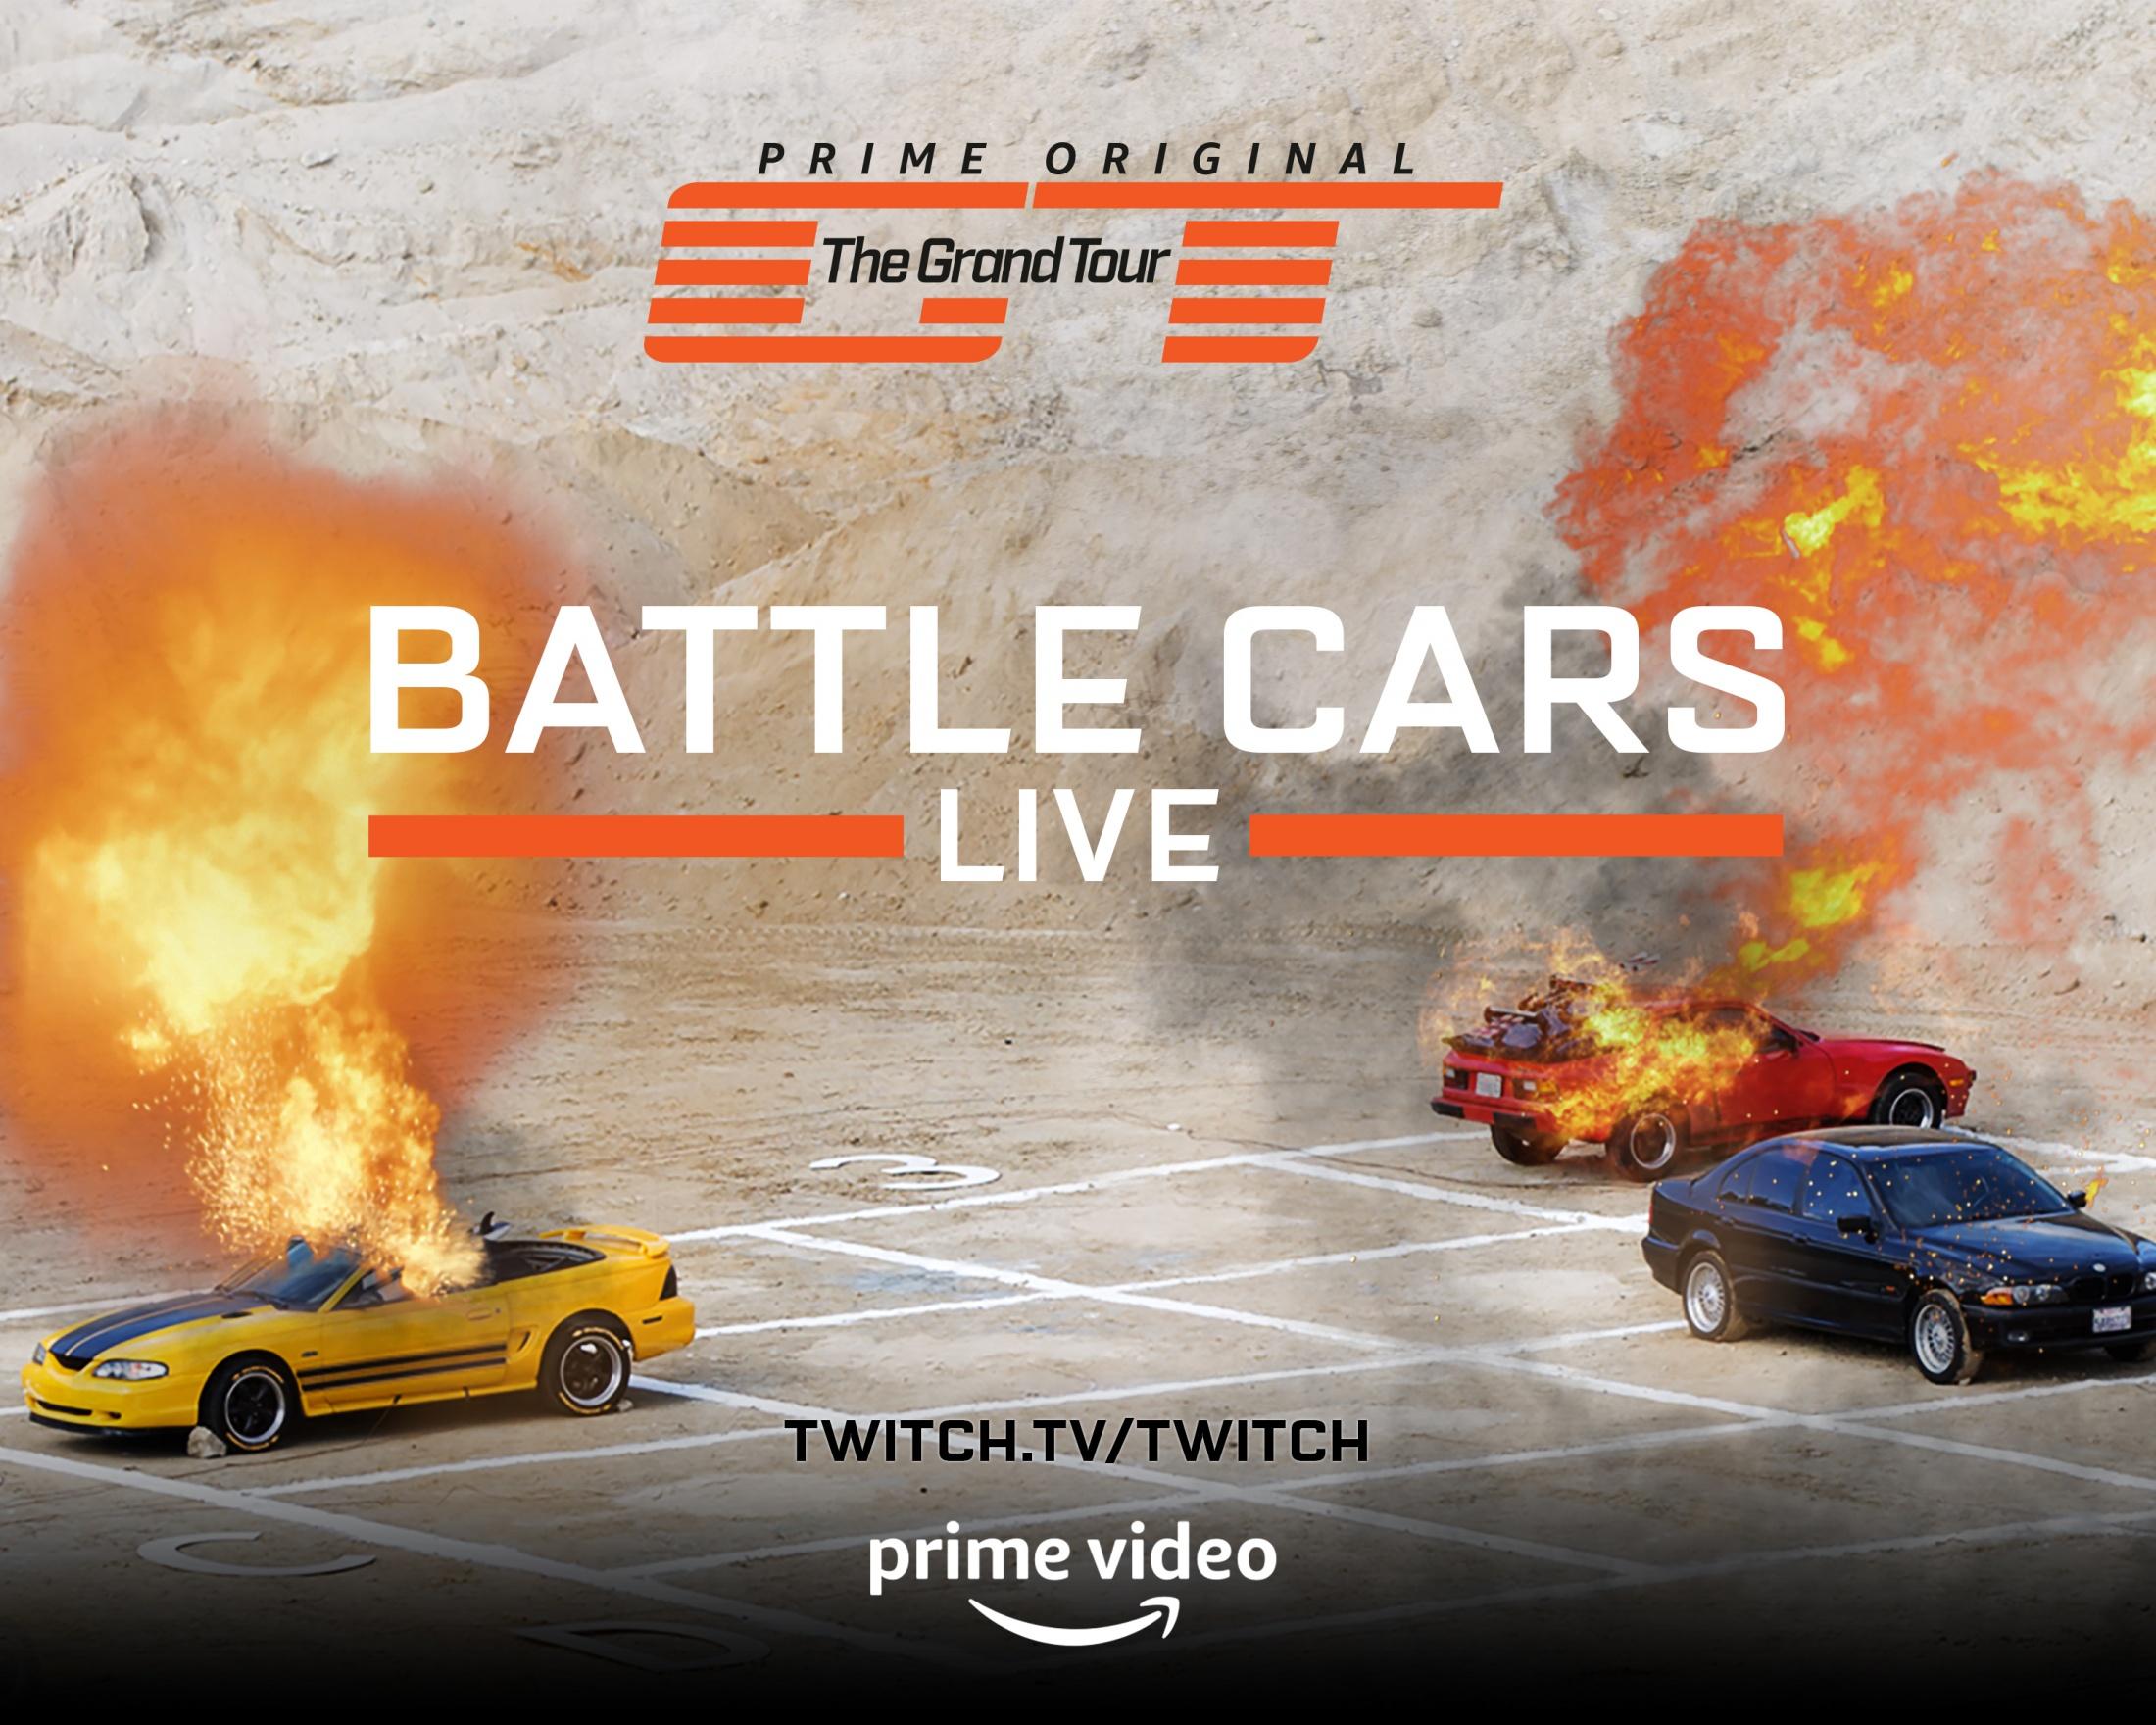 Thumbnail for The Grand Tour Season 2: Battle Cars Live